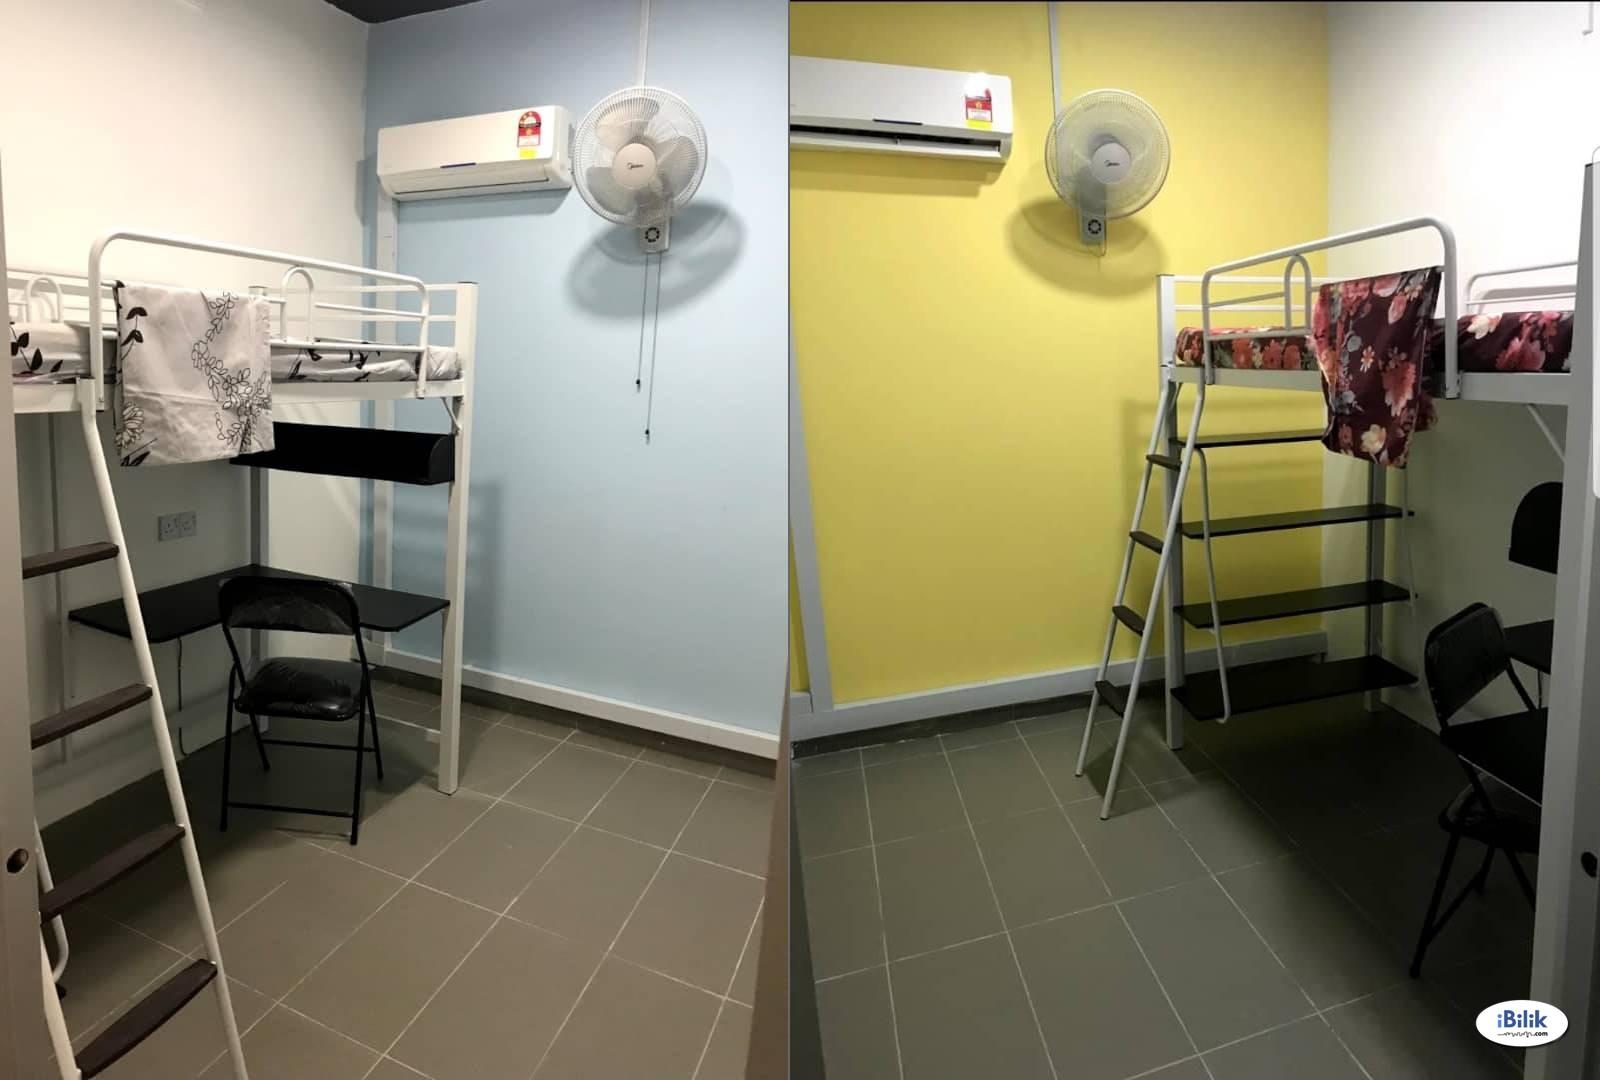 Full Furnish Room At Kota Damansara Near Sunway Giza,Dataran Sunway & Free Wifi